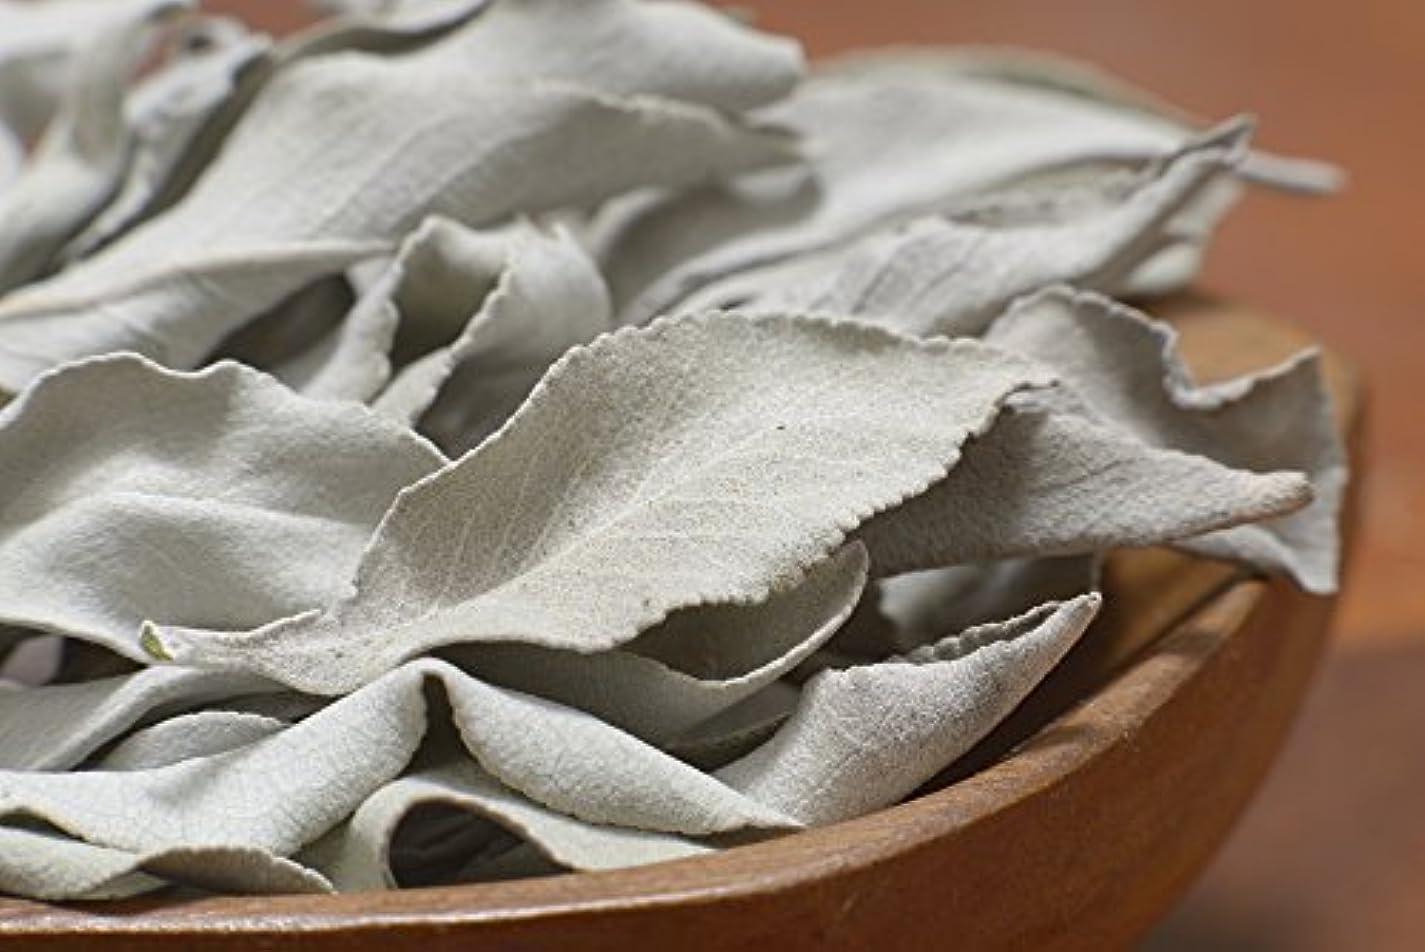 もつれ性交魚最高級カリフォルニア産オーガニック ホワイトセージ 50g入り (葉+茎タイプ) 無農薬栽培 浄化用 スマッジング用として